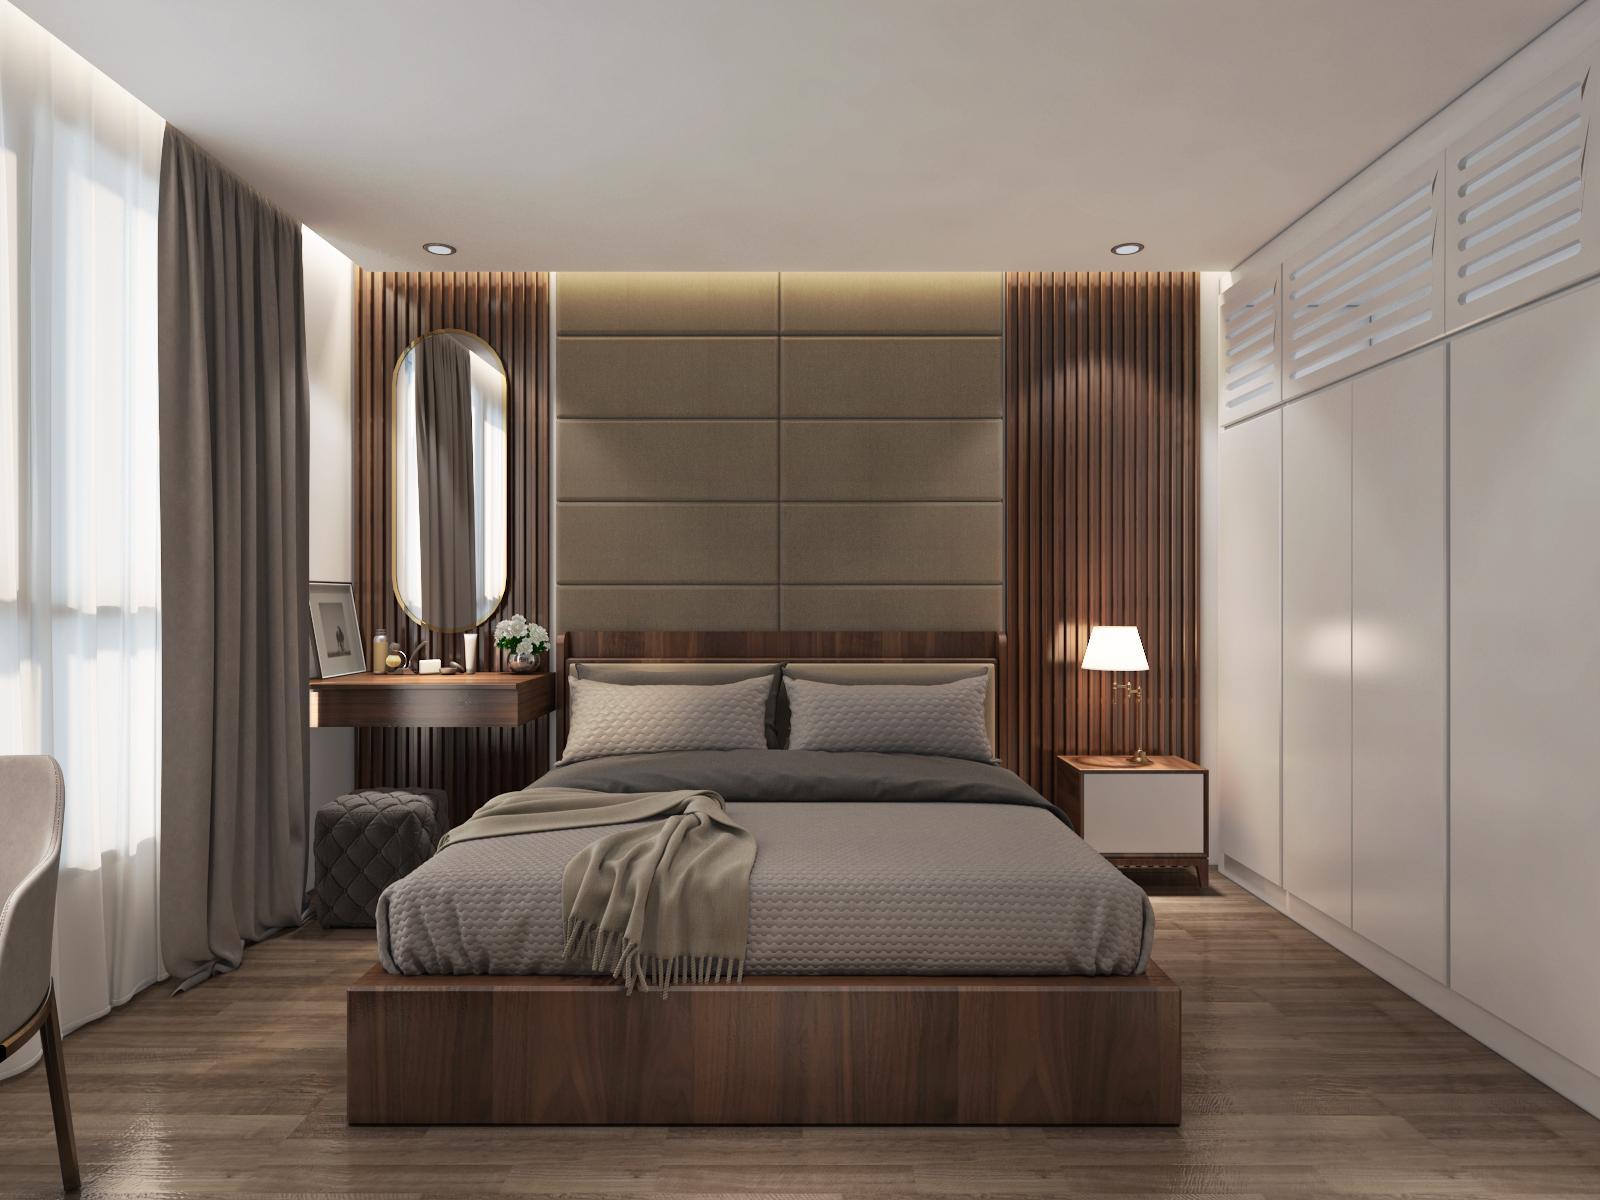 Thiết kế nội thất Chung Cư tại Hà Nội 6 Element Apartment 1584606767 6